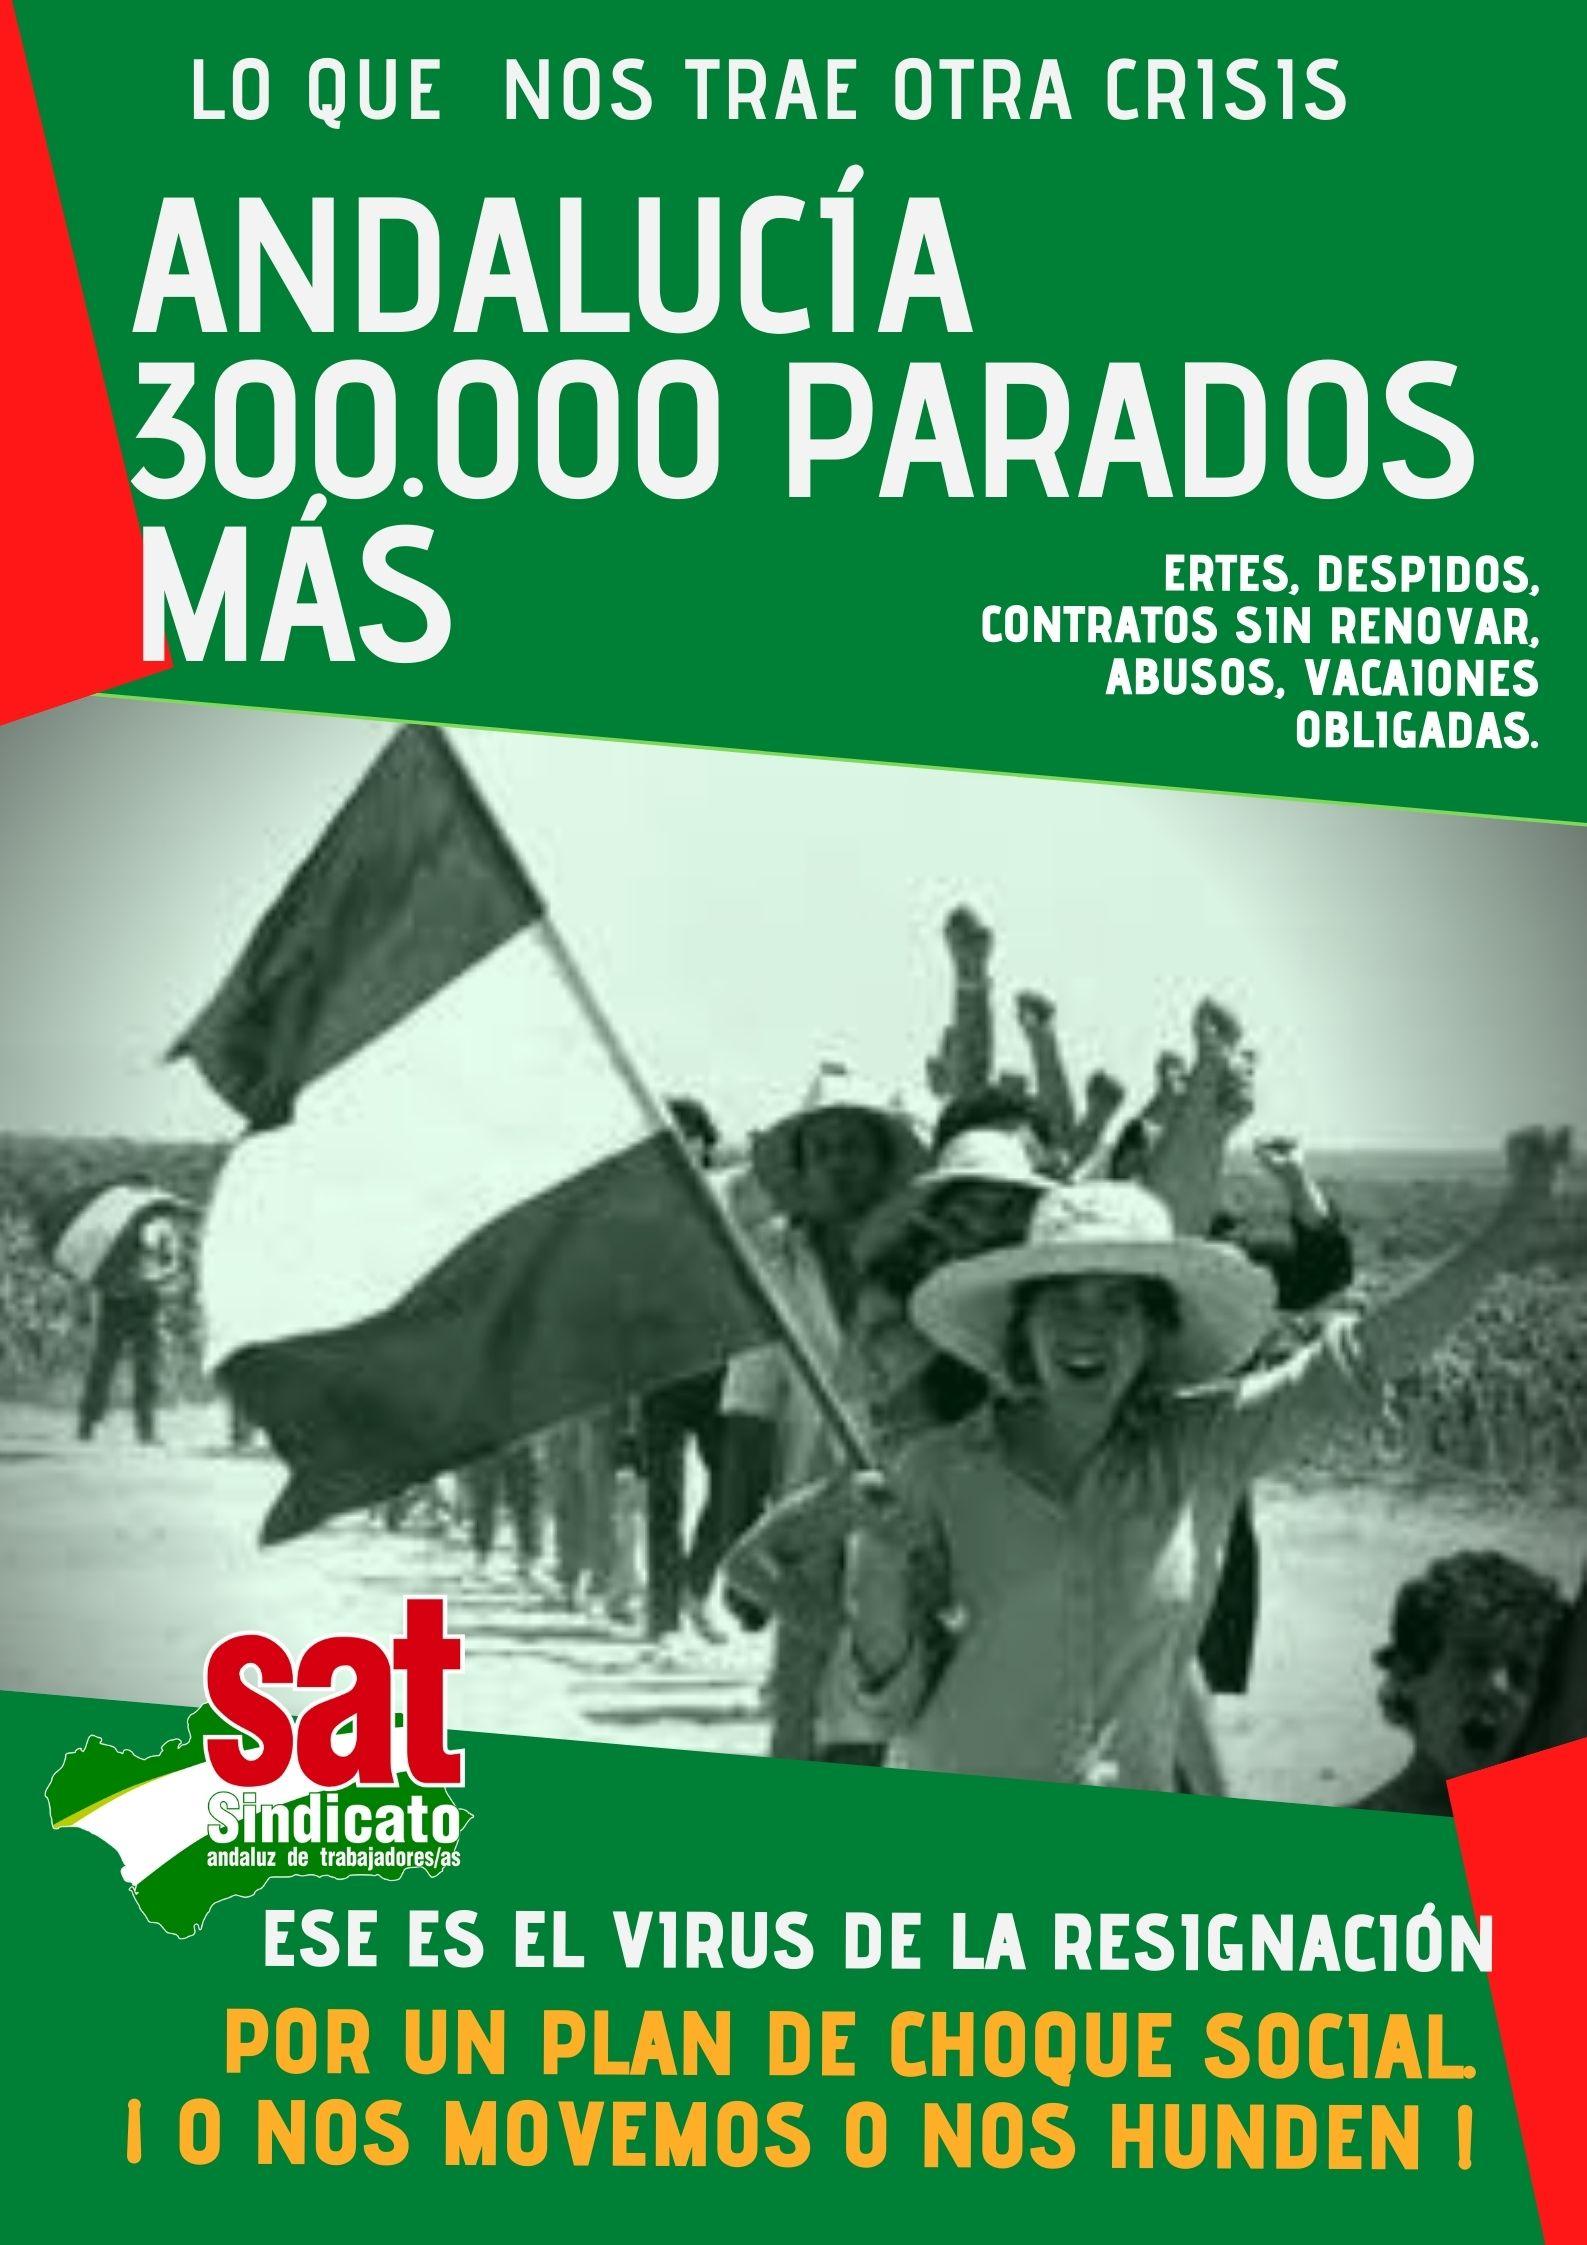 andalucía 300.000 PARADOS MÁS